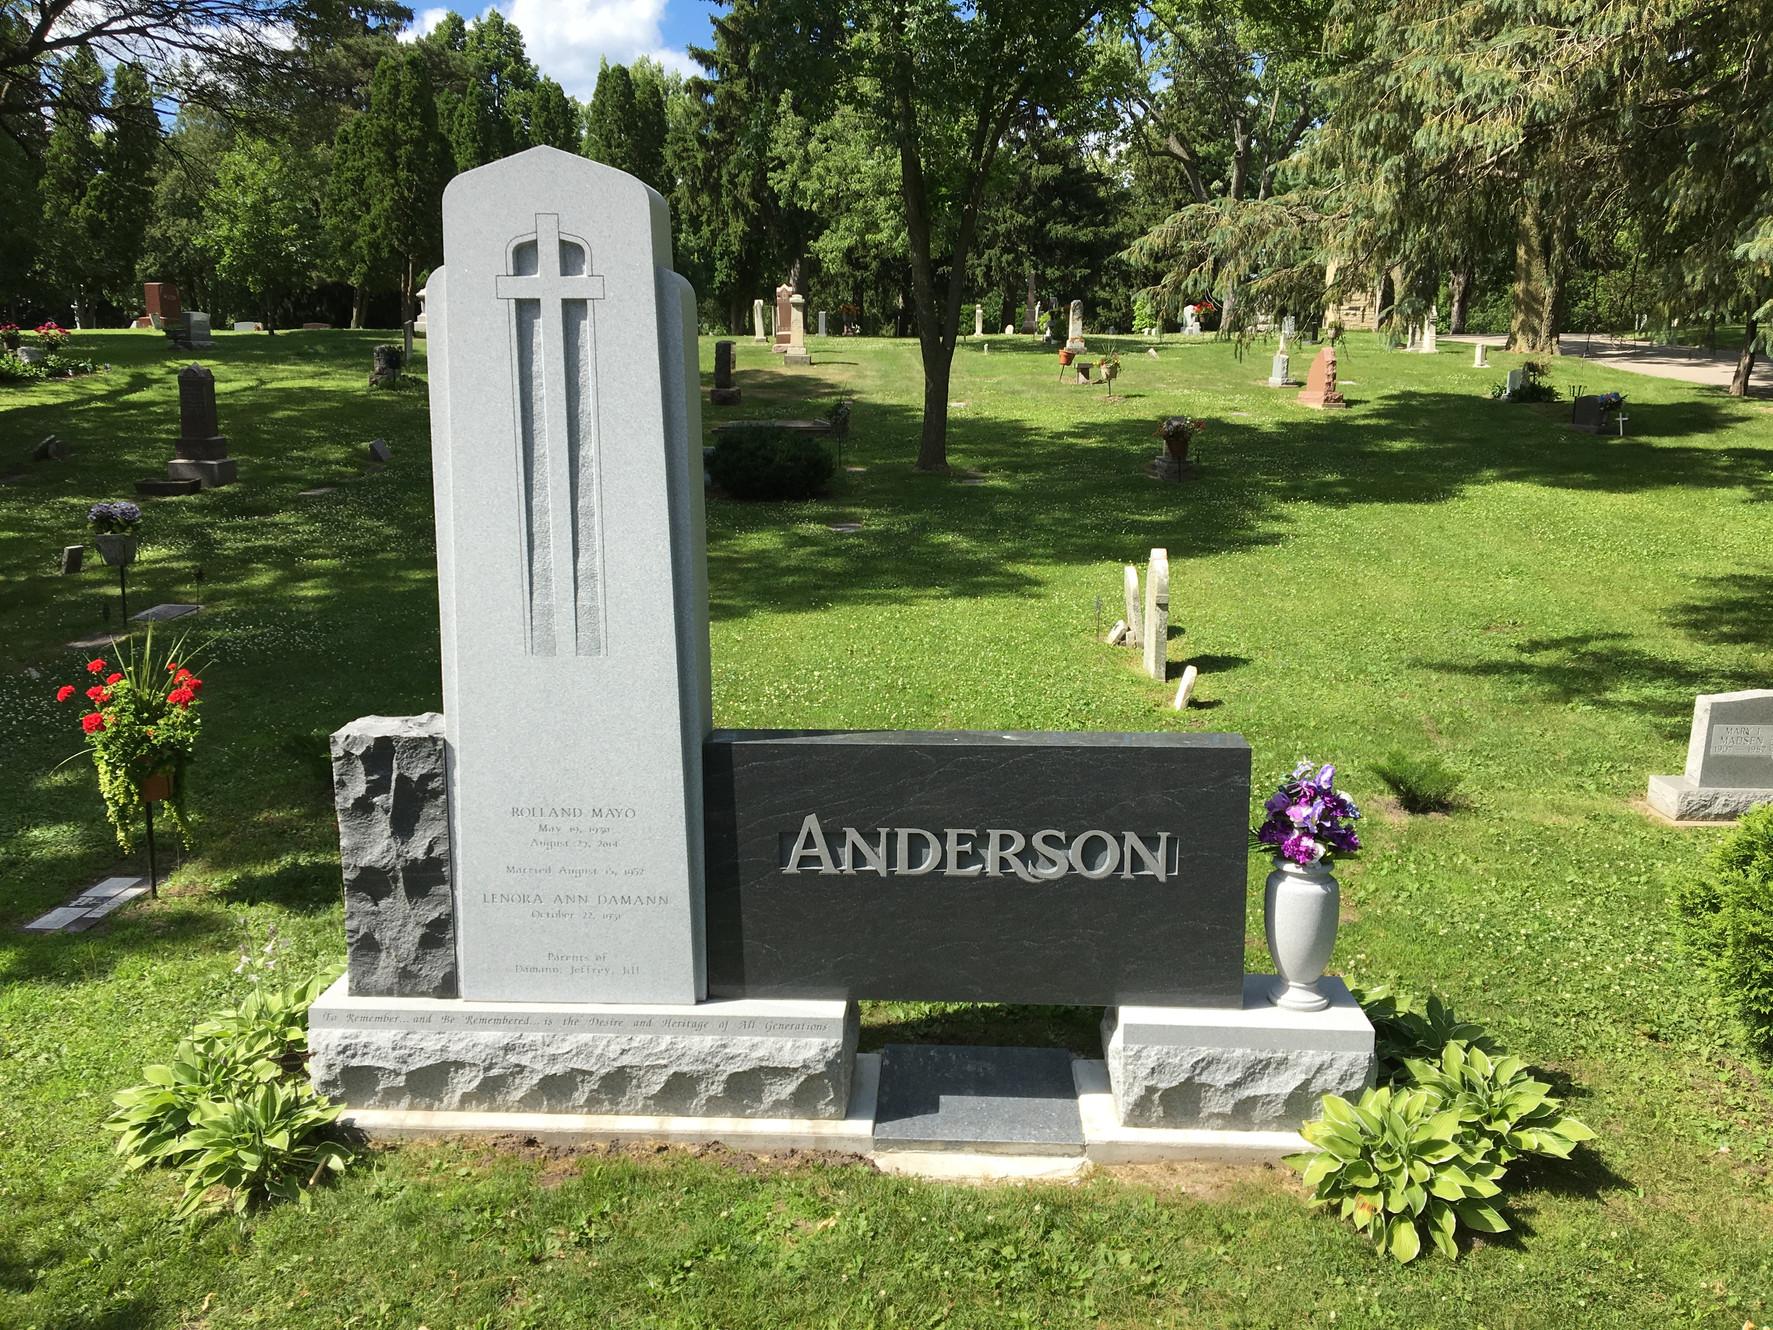 Anderson Memorials Headstone Rochester